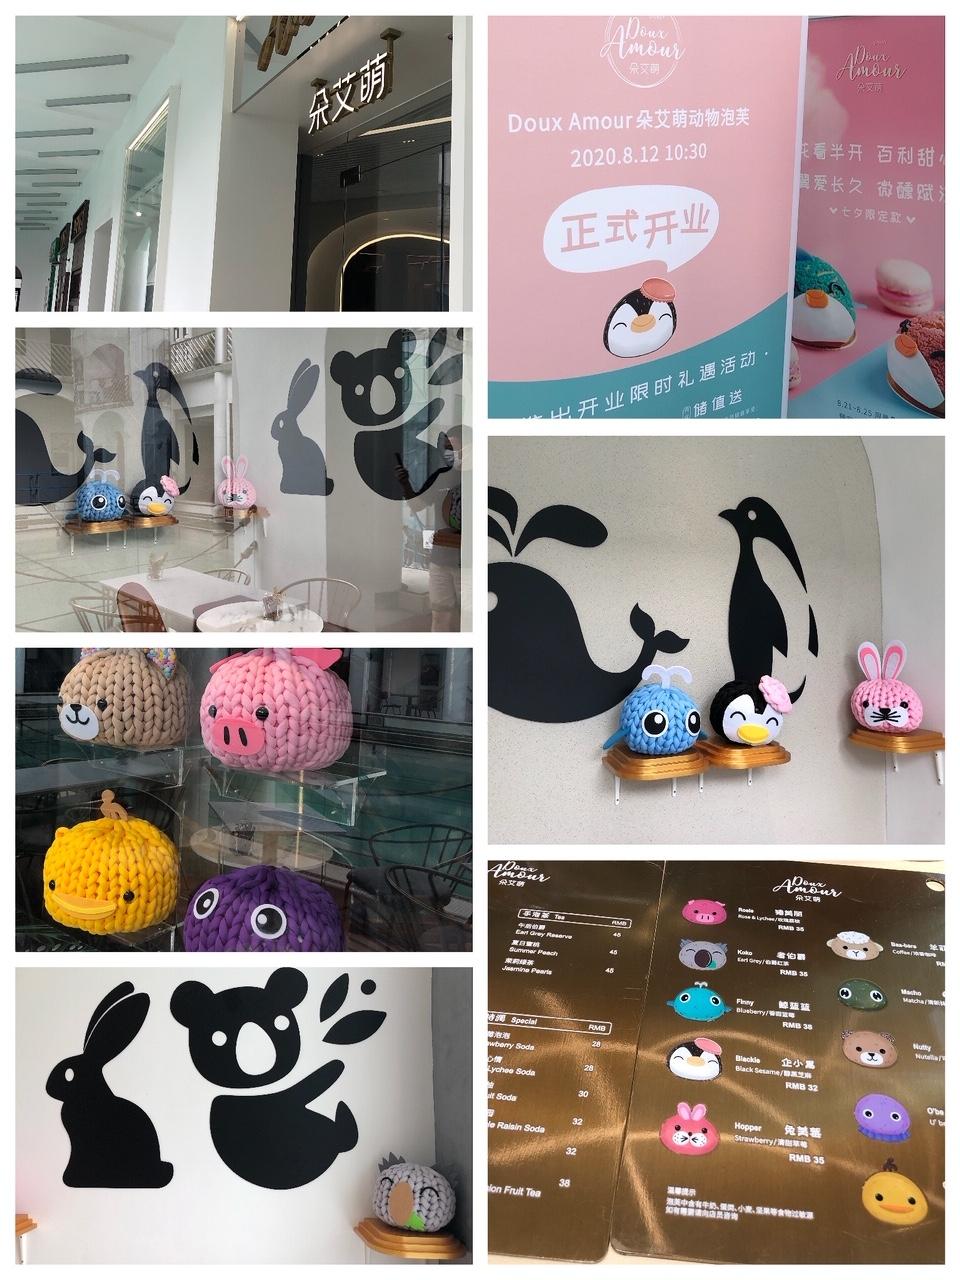 上海•SNSで話題のシュークリームを販売するスイーツ•カフェ